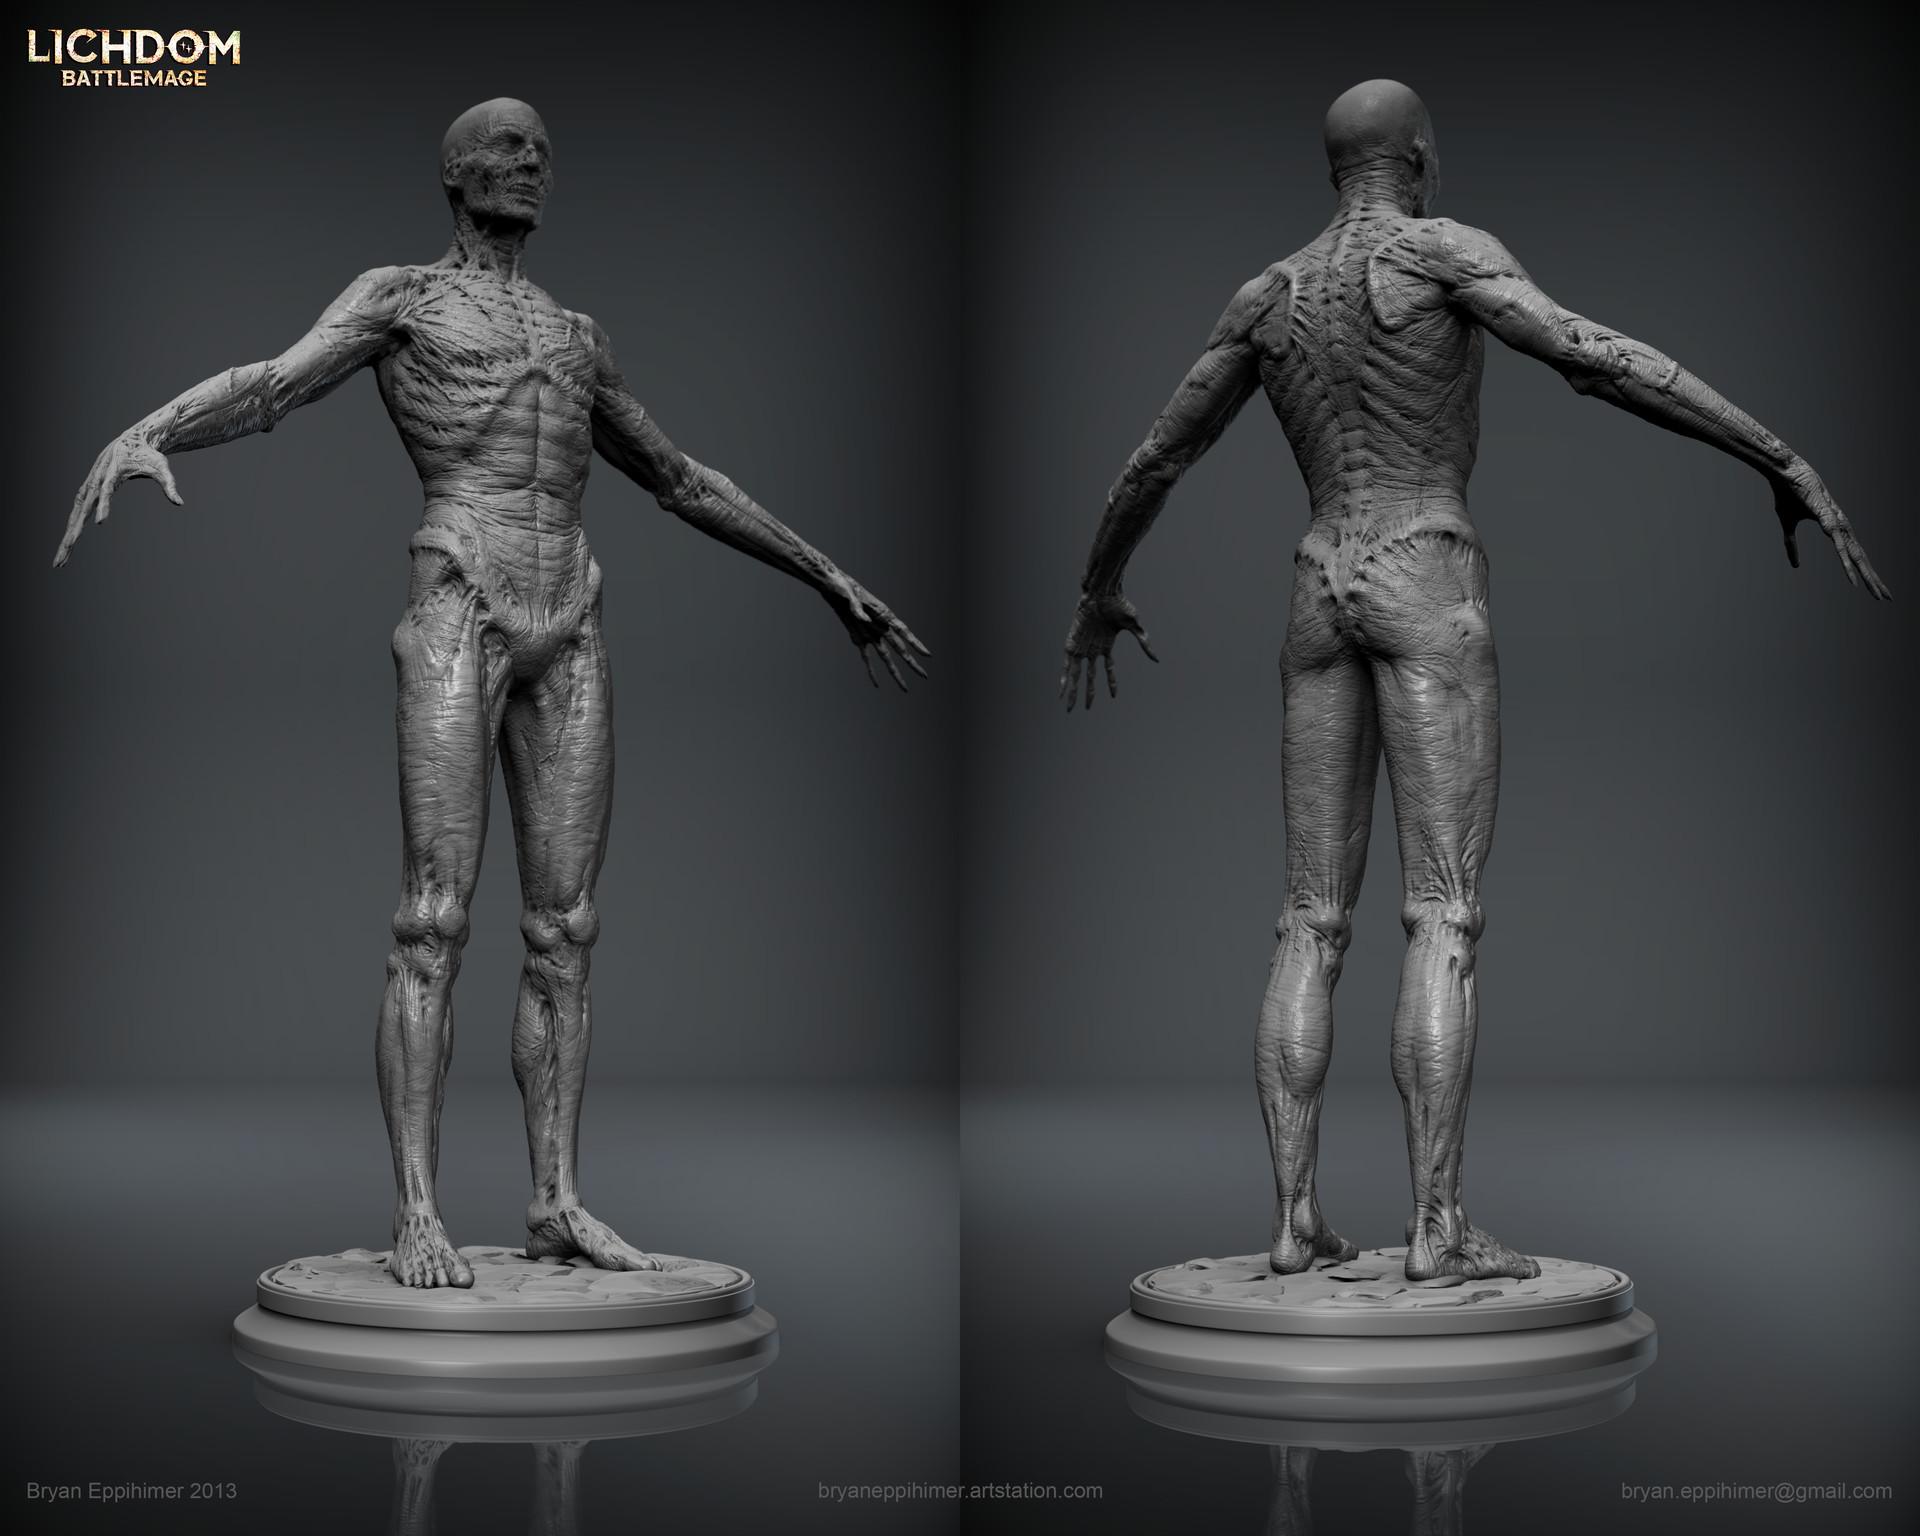 Bryan eppihimer bryaneppihimer xaviant undex mummy 2013